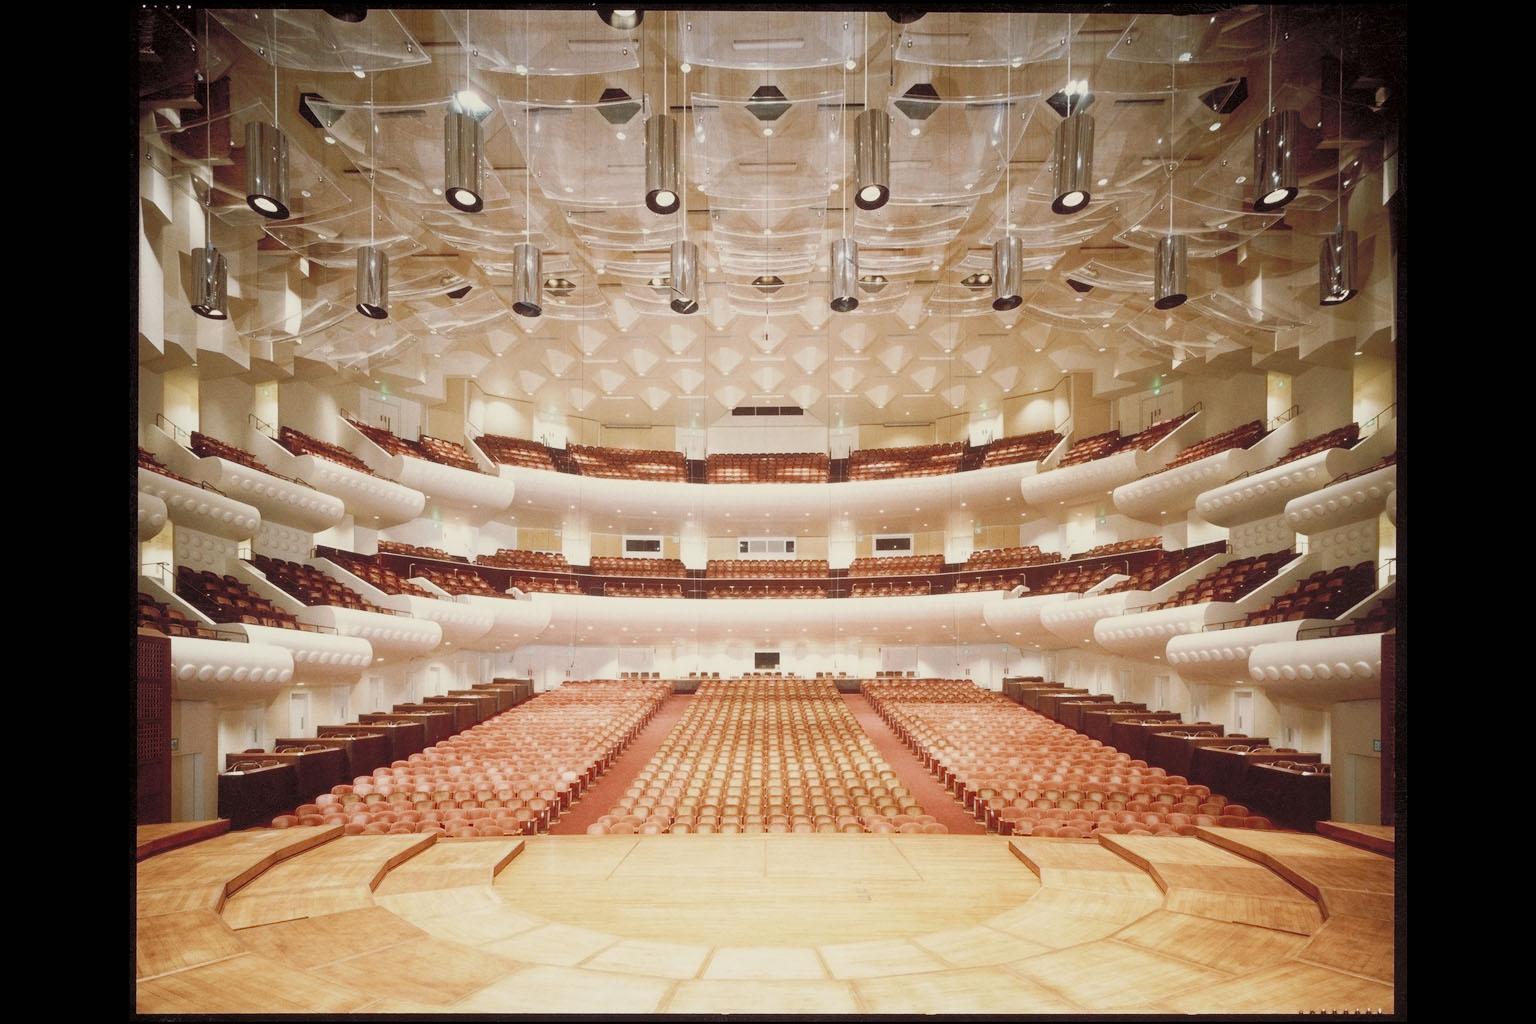 San francisco symphony press room